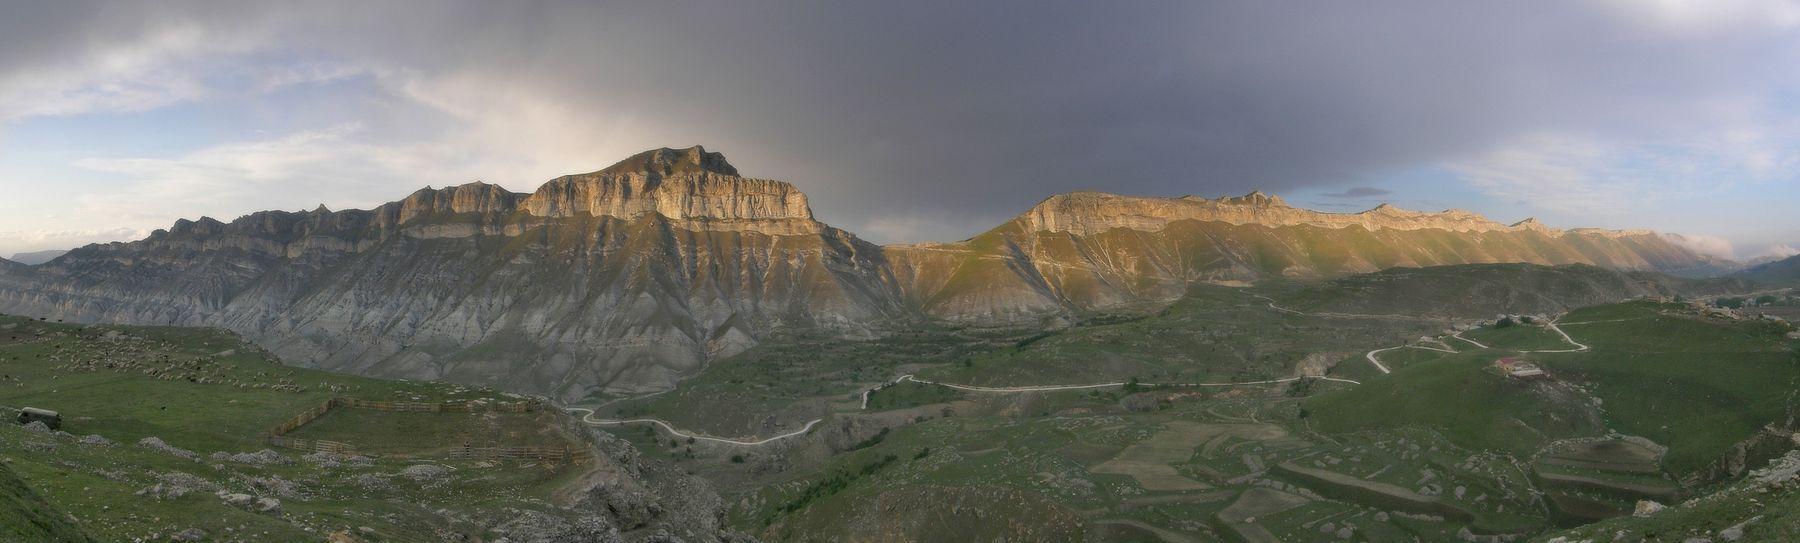 Пастухи и горы